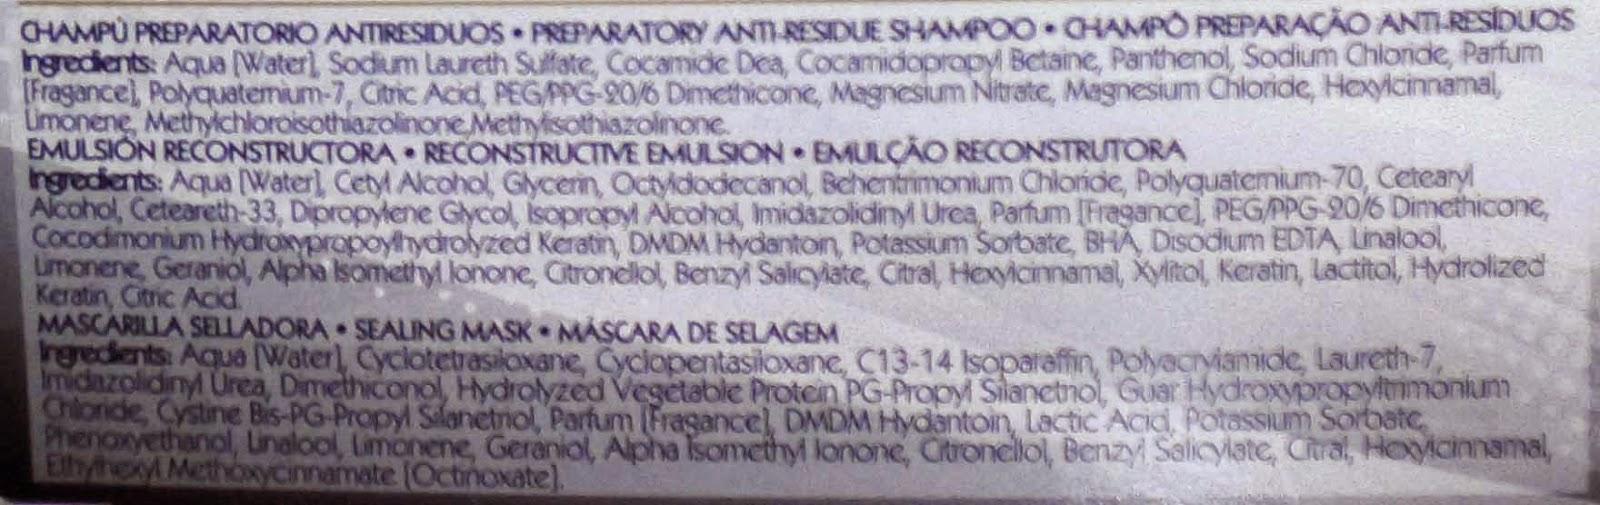 botox capilar maurens ingredientes